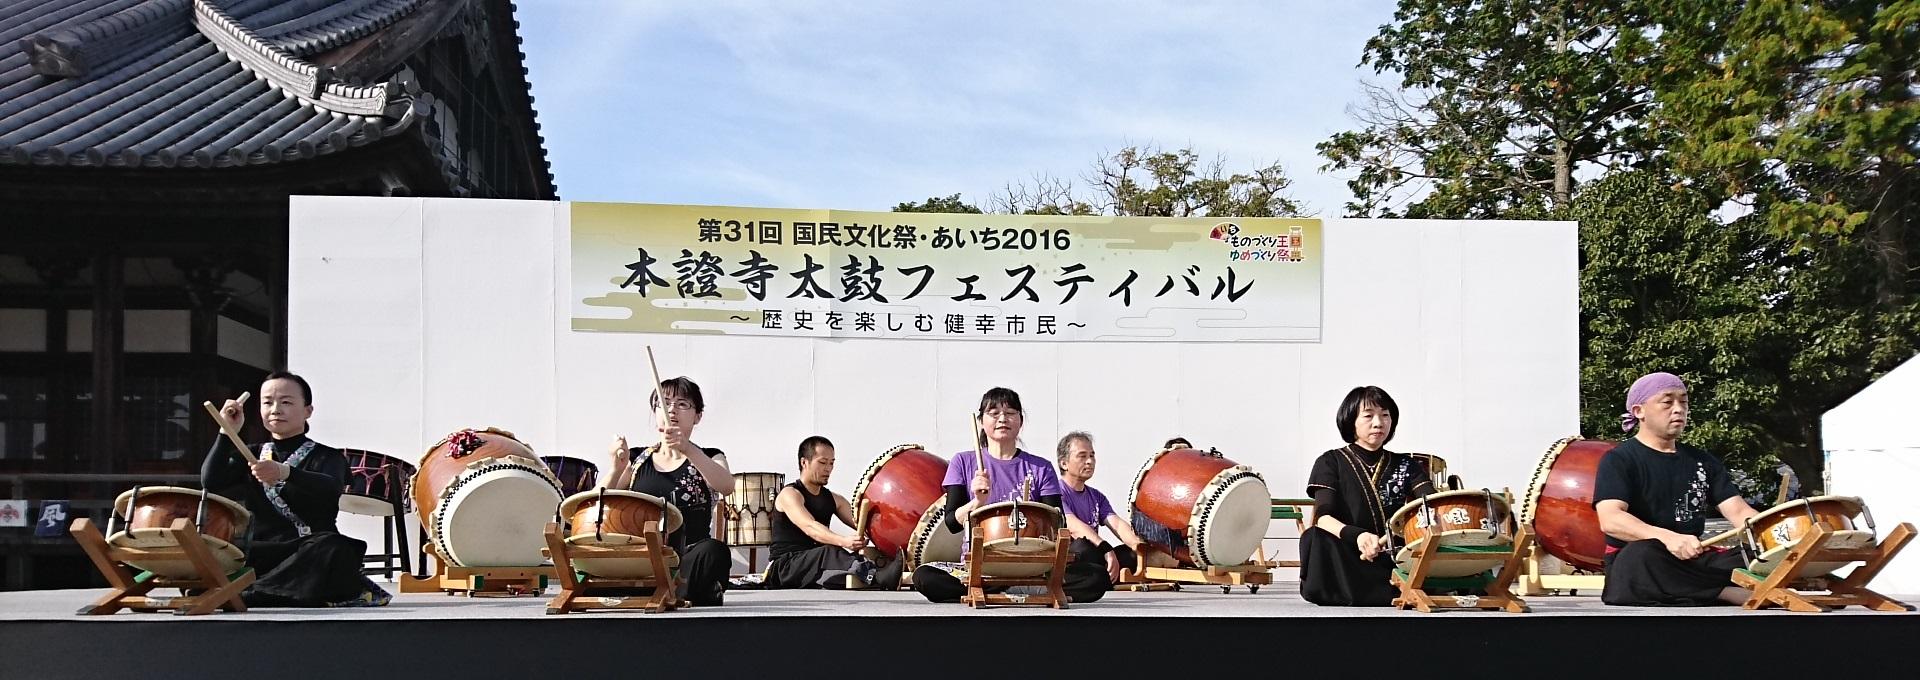 2016.11.20 咲楽 (9)